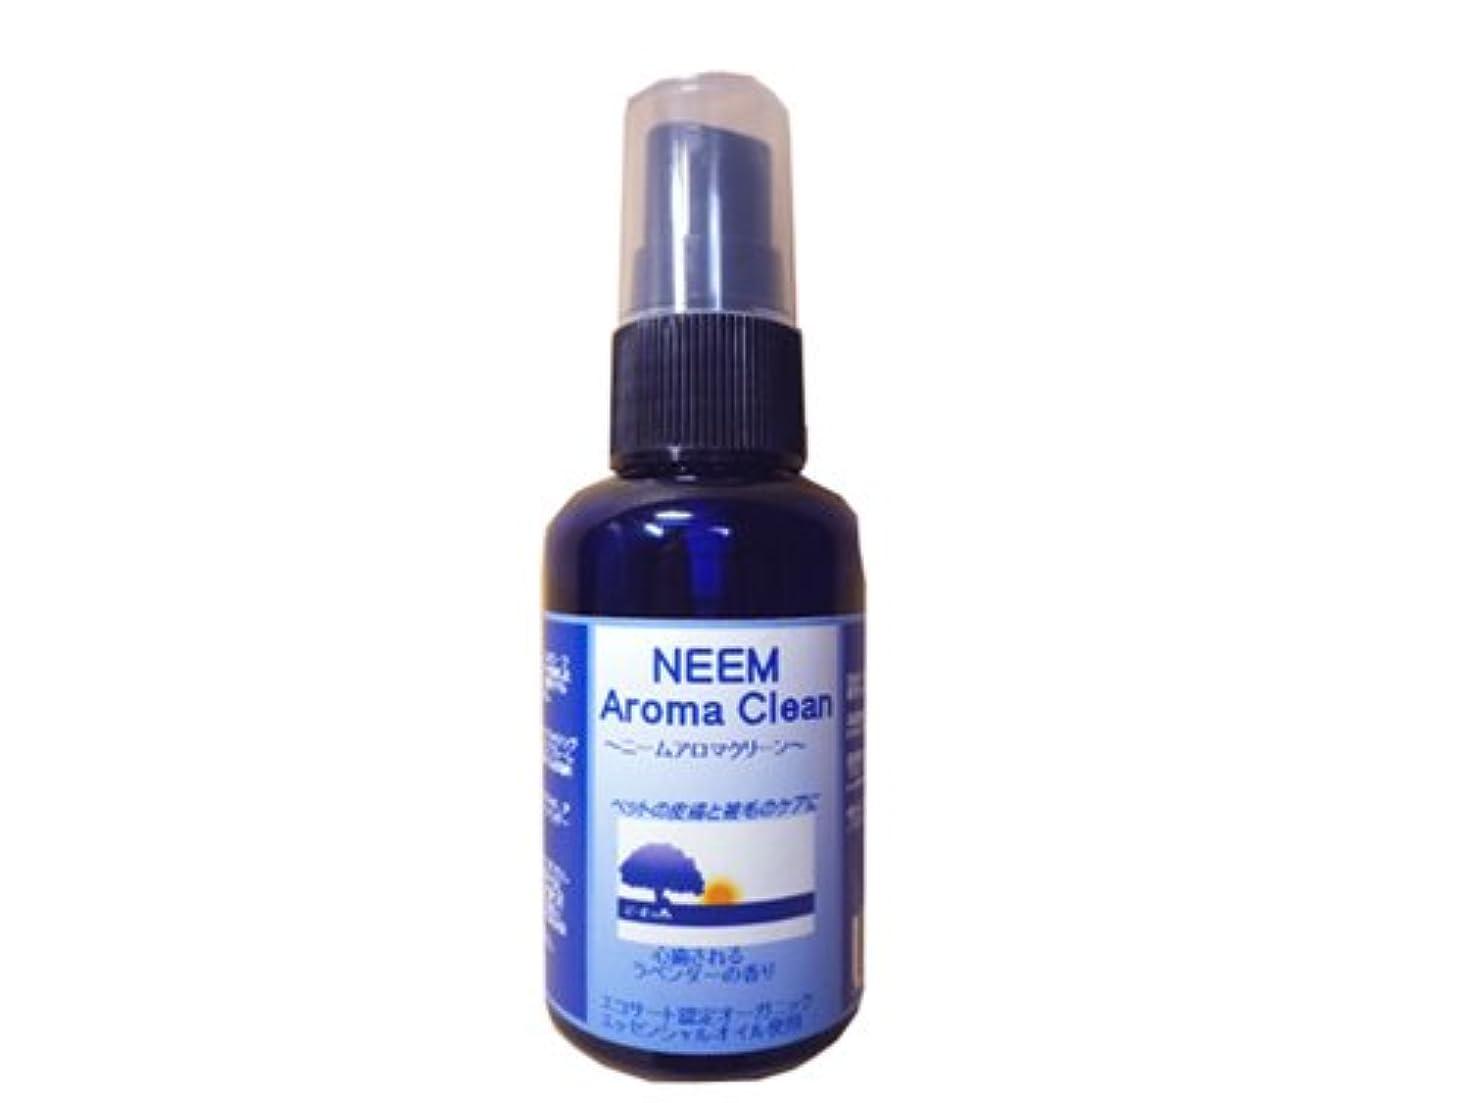 極地所得共和党ニームアロマクリーン(ラベンダー) NEEM Aroma Clean 50ml 【BLOOM】【(ノミ?ダニ)駆除用としてもお使いいただけます。】